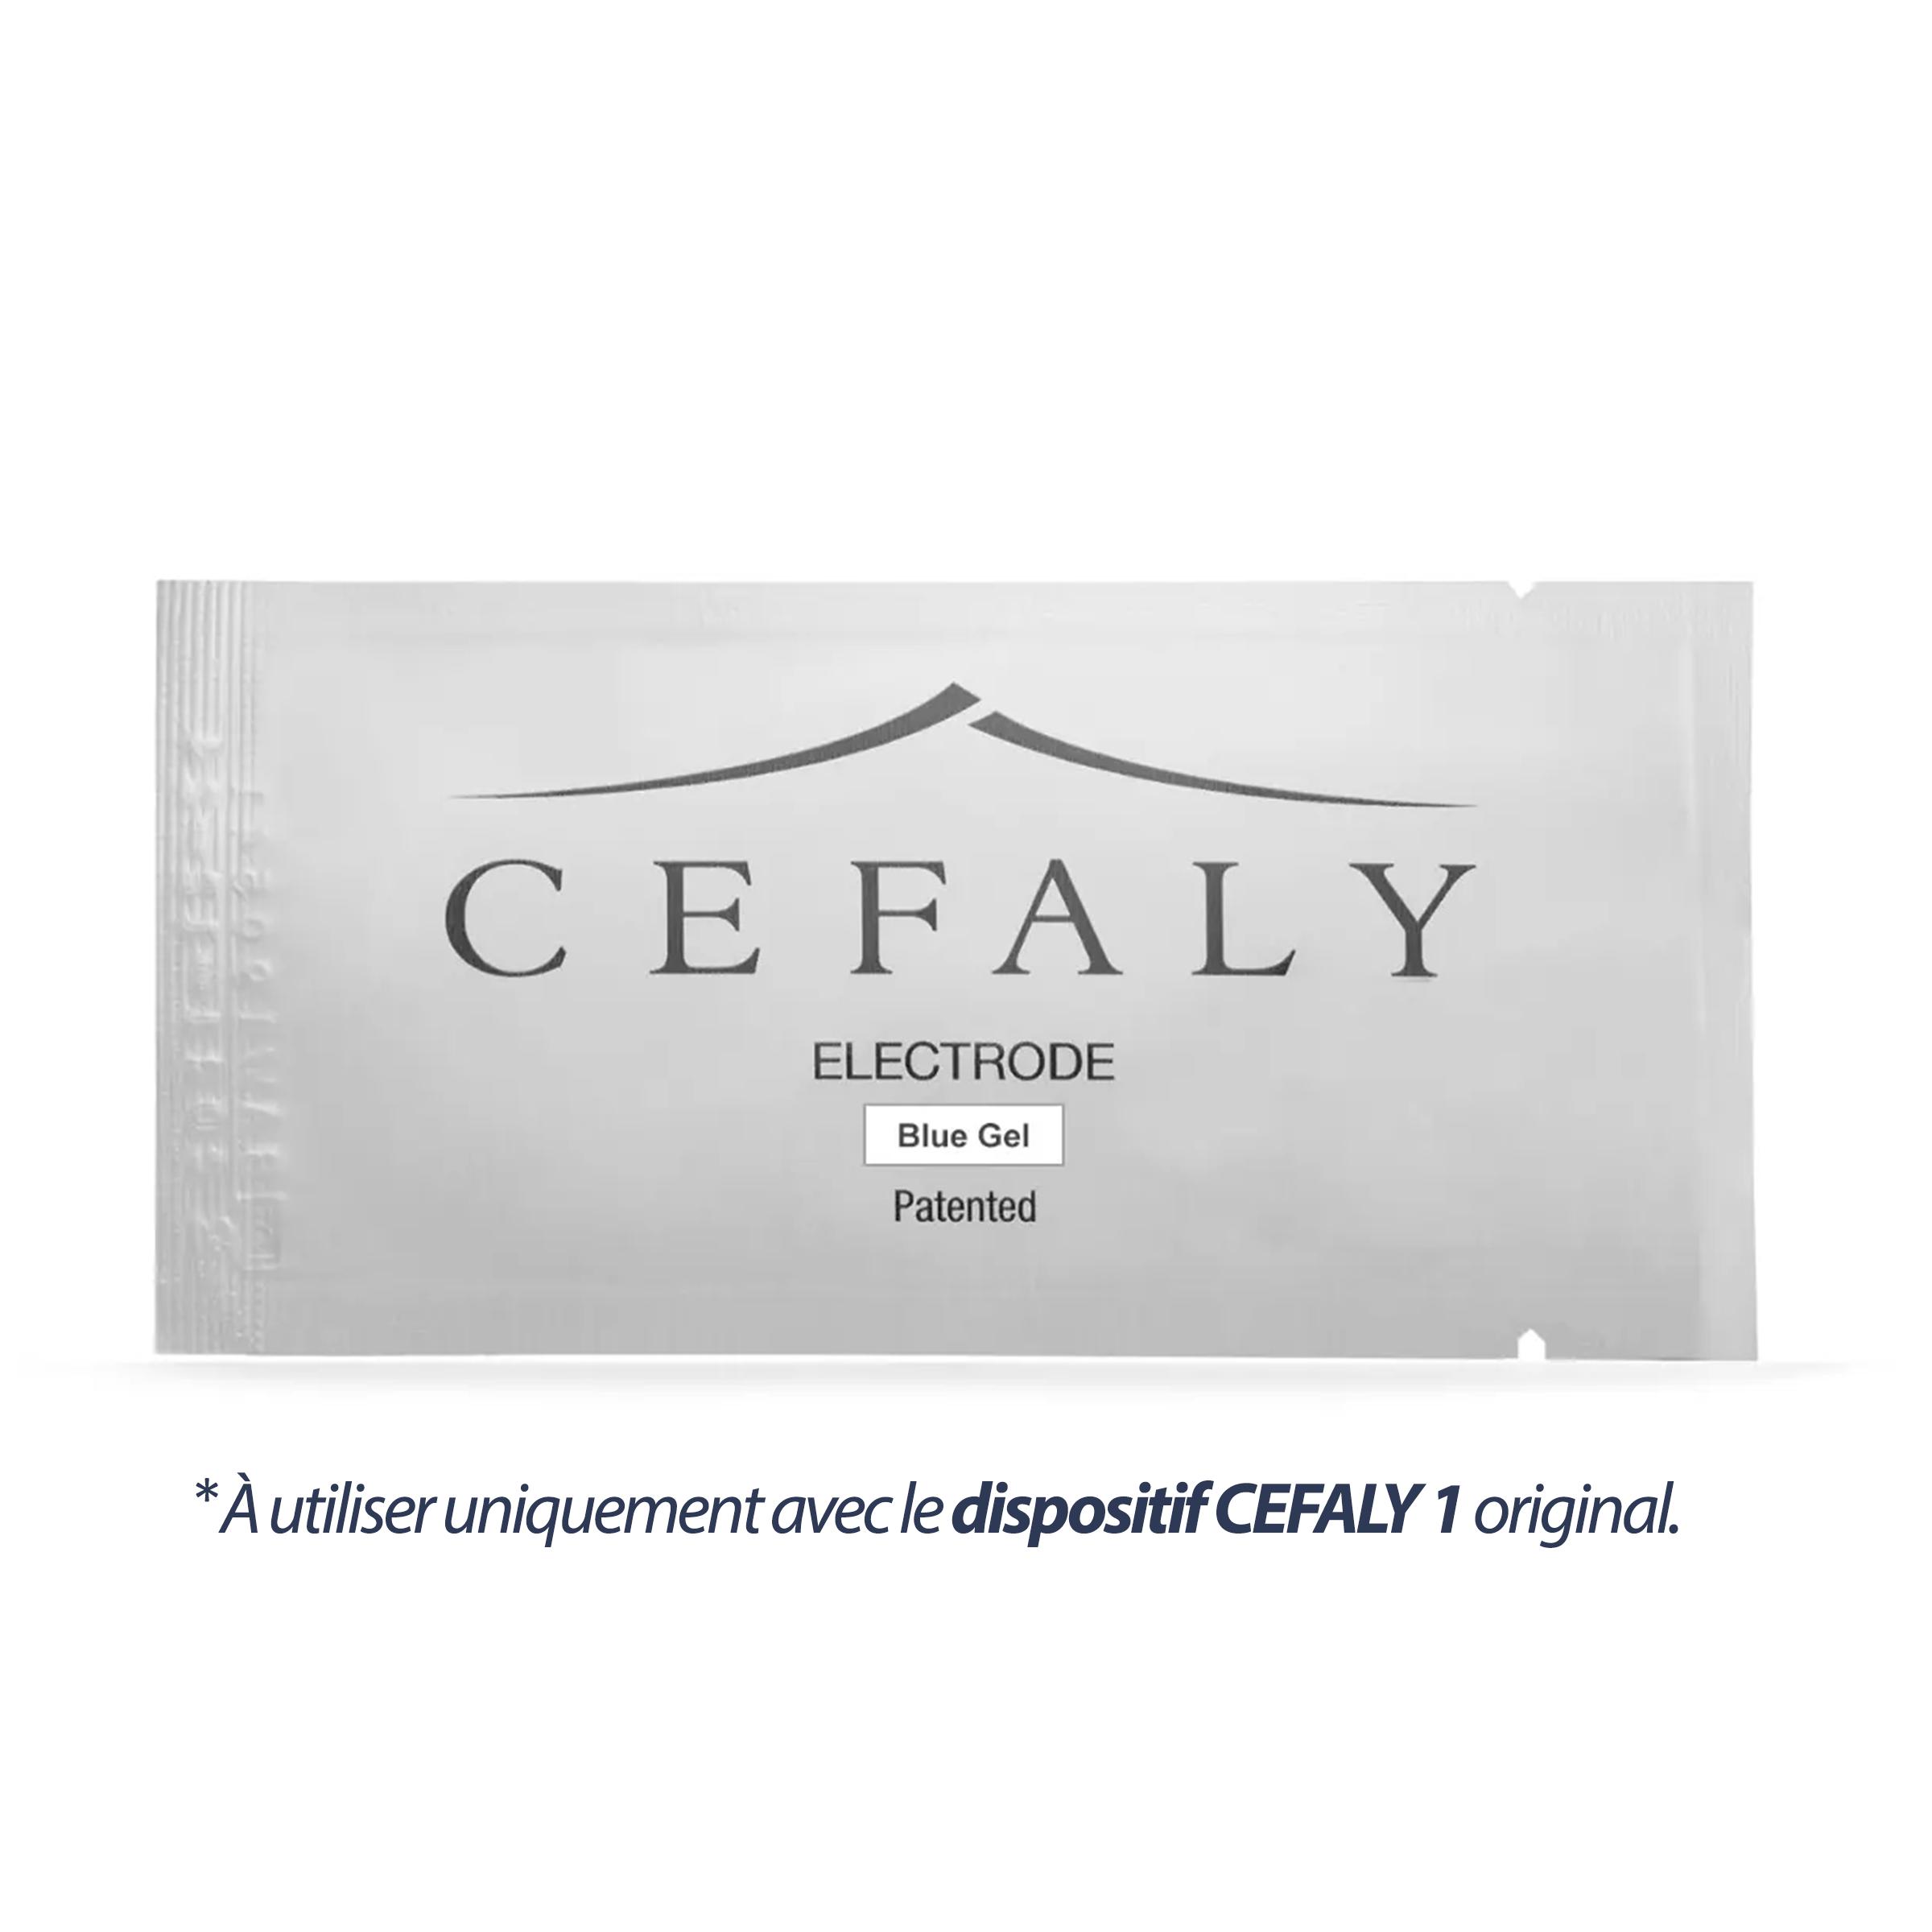 Électrodesà gel bleu CEFALY1 - Trousse de3